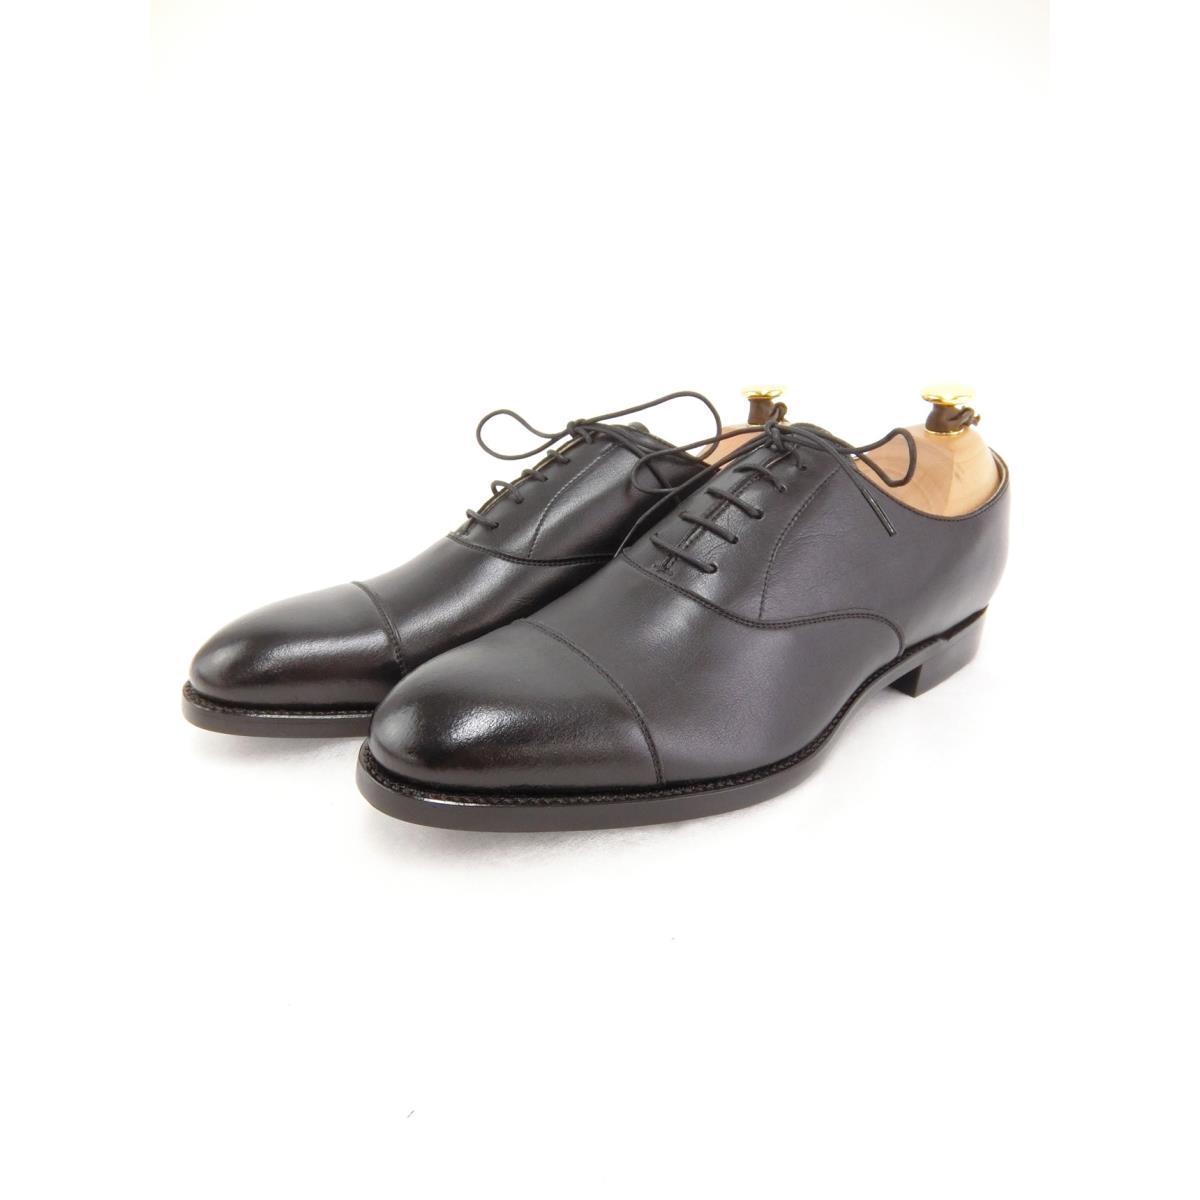 浅草靴誂 シューズ【中古】